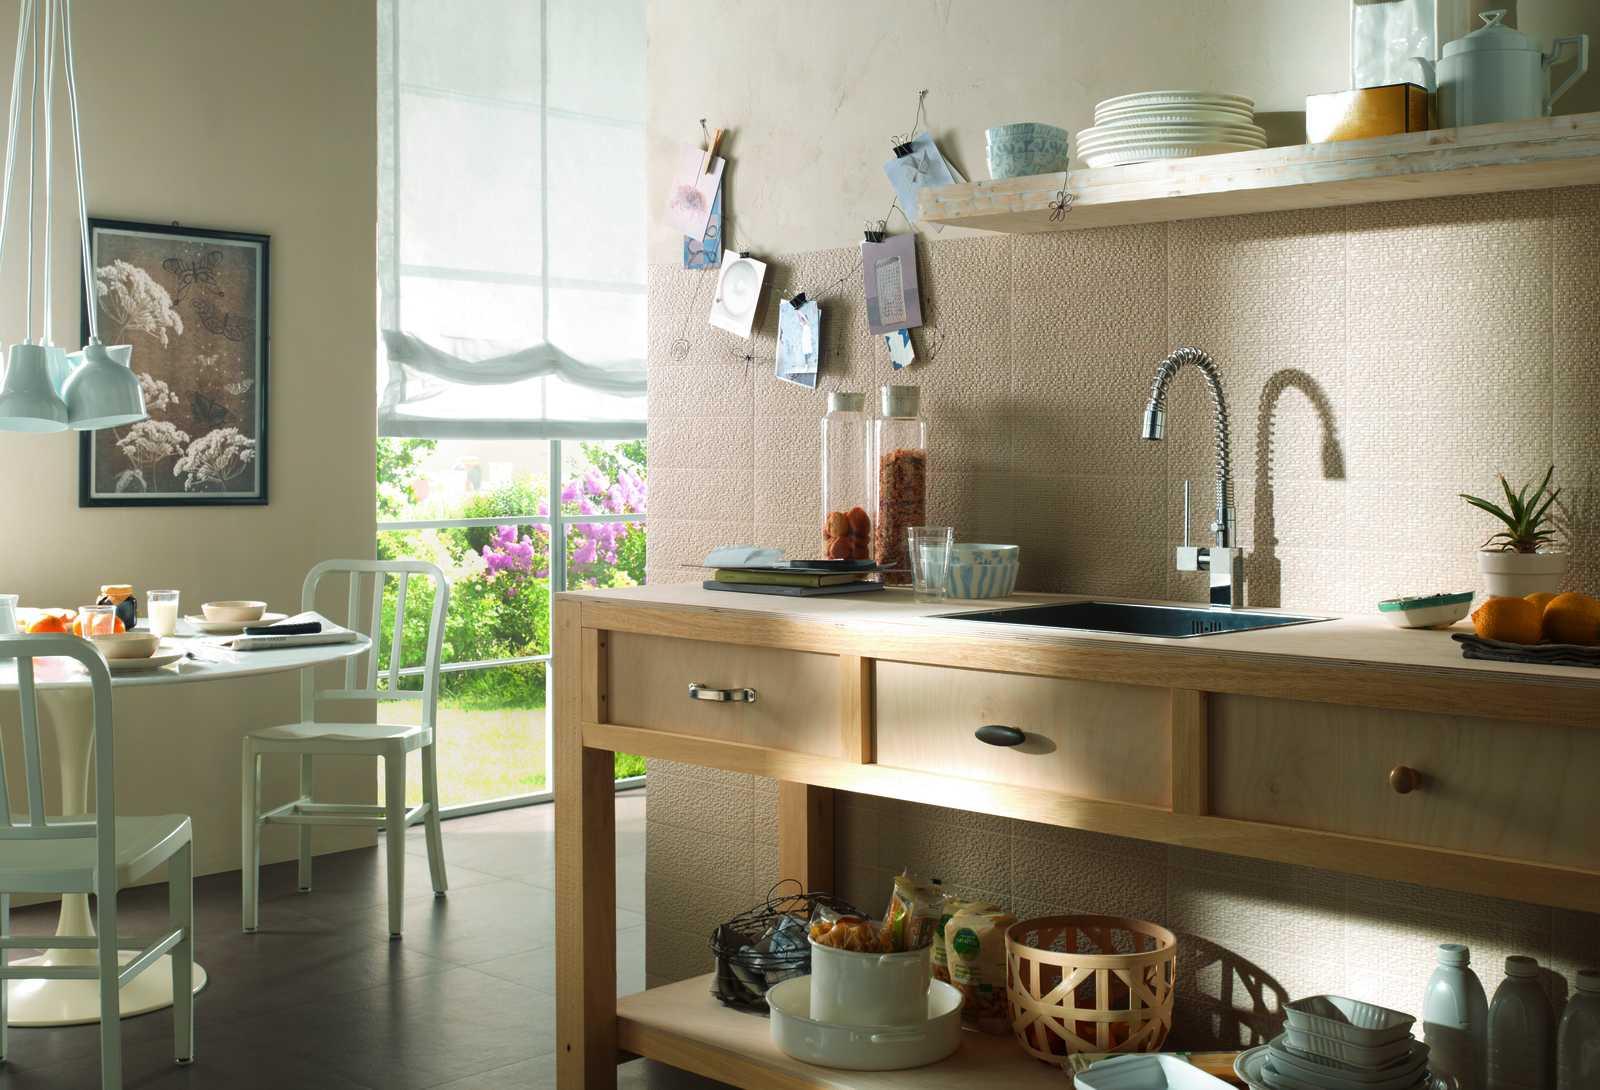 Wandfliesen küche  Fliesen für die Küche | Marazzi